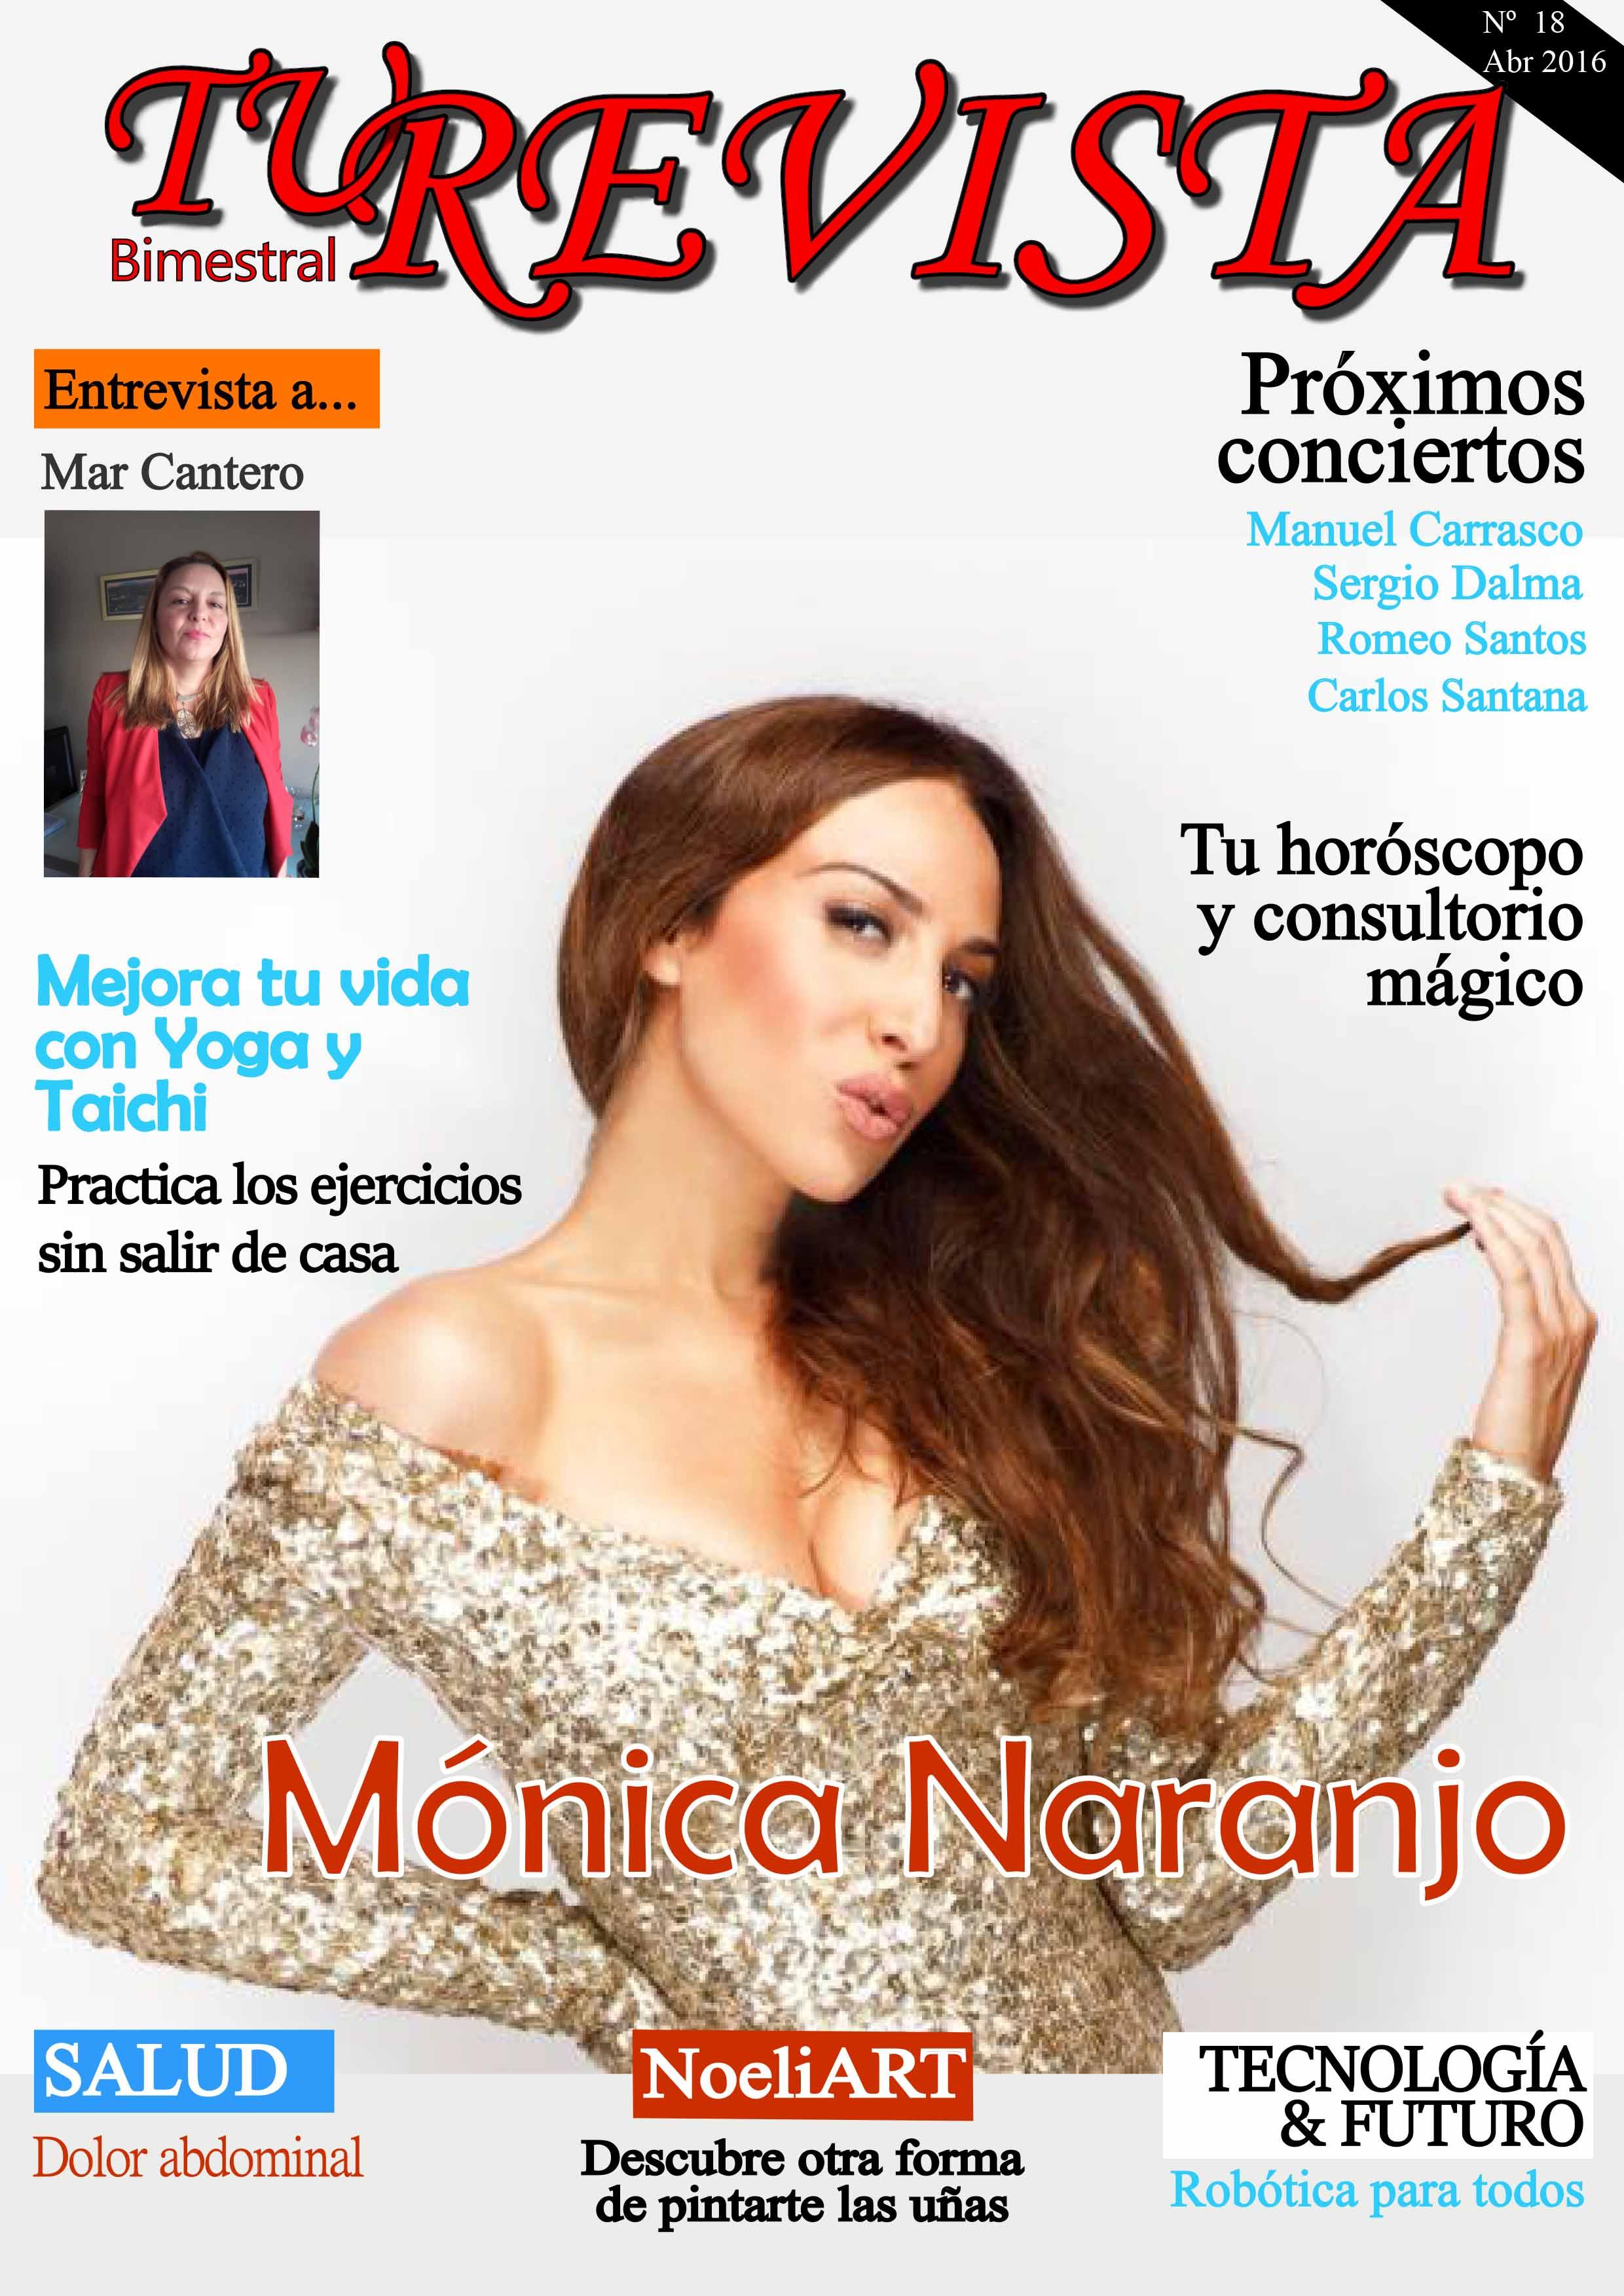 Conoce más sobre la vida de Mónica Naranjo.